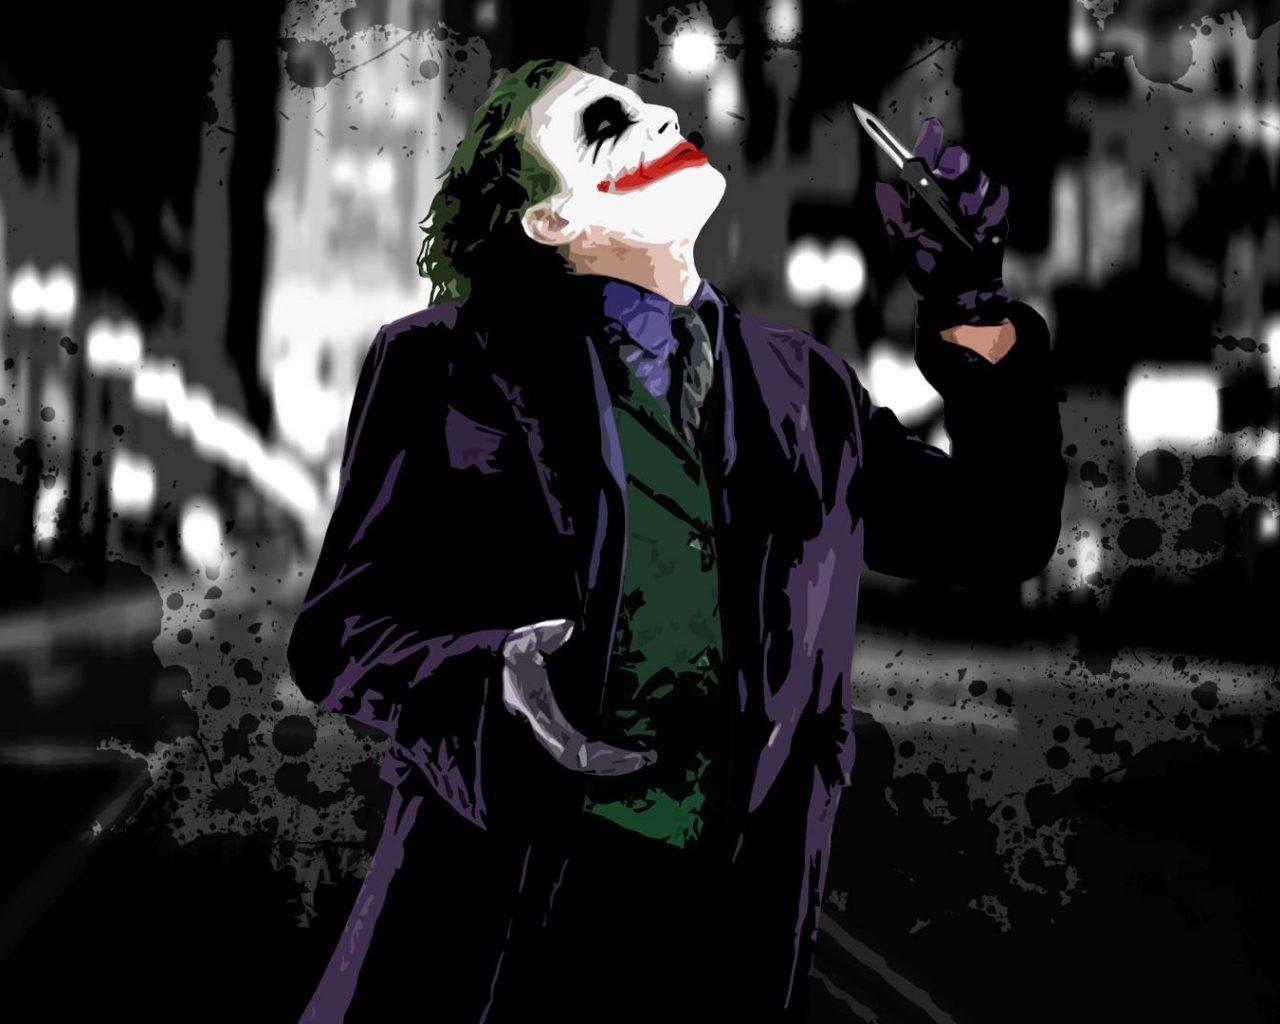 Dark Knight Joker Wallpaper Widescreen Hd Resolution 1280x1024